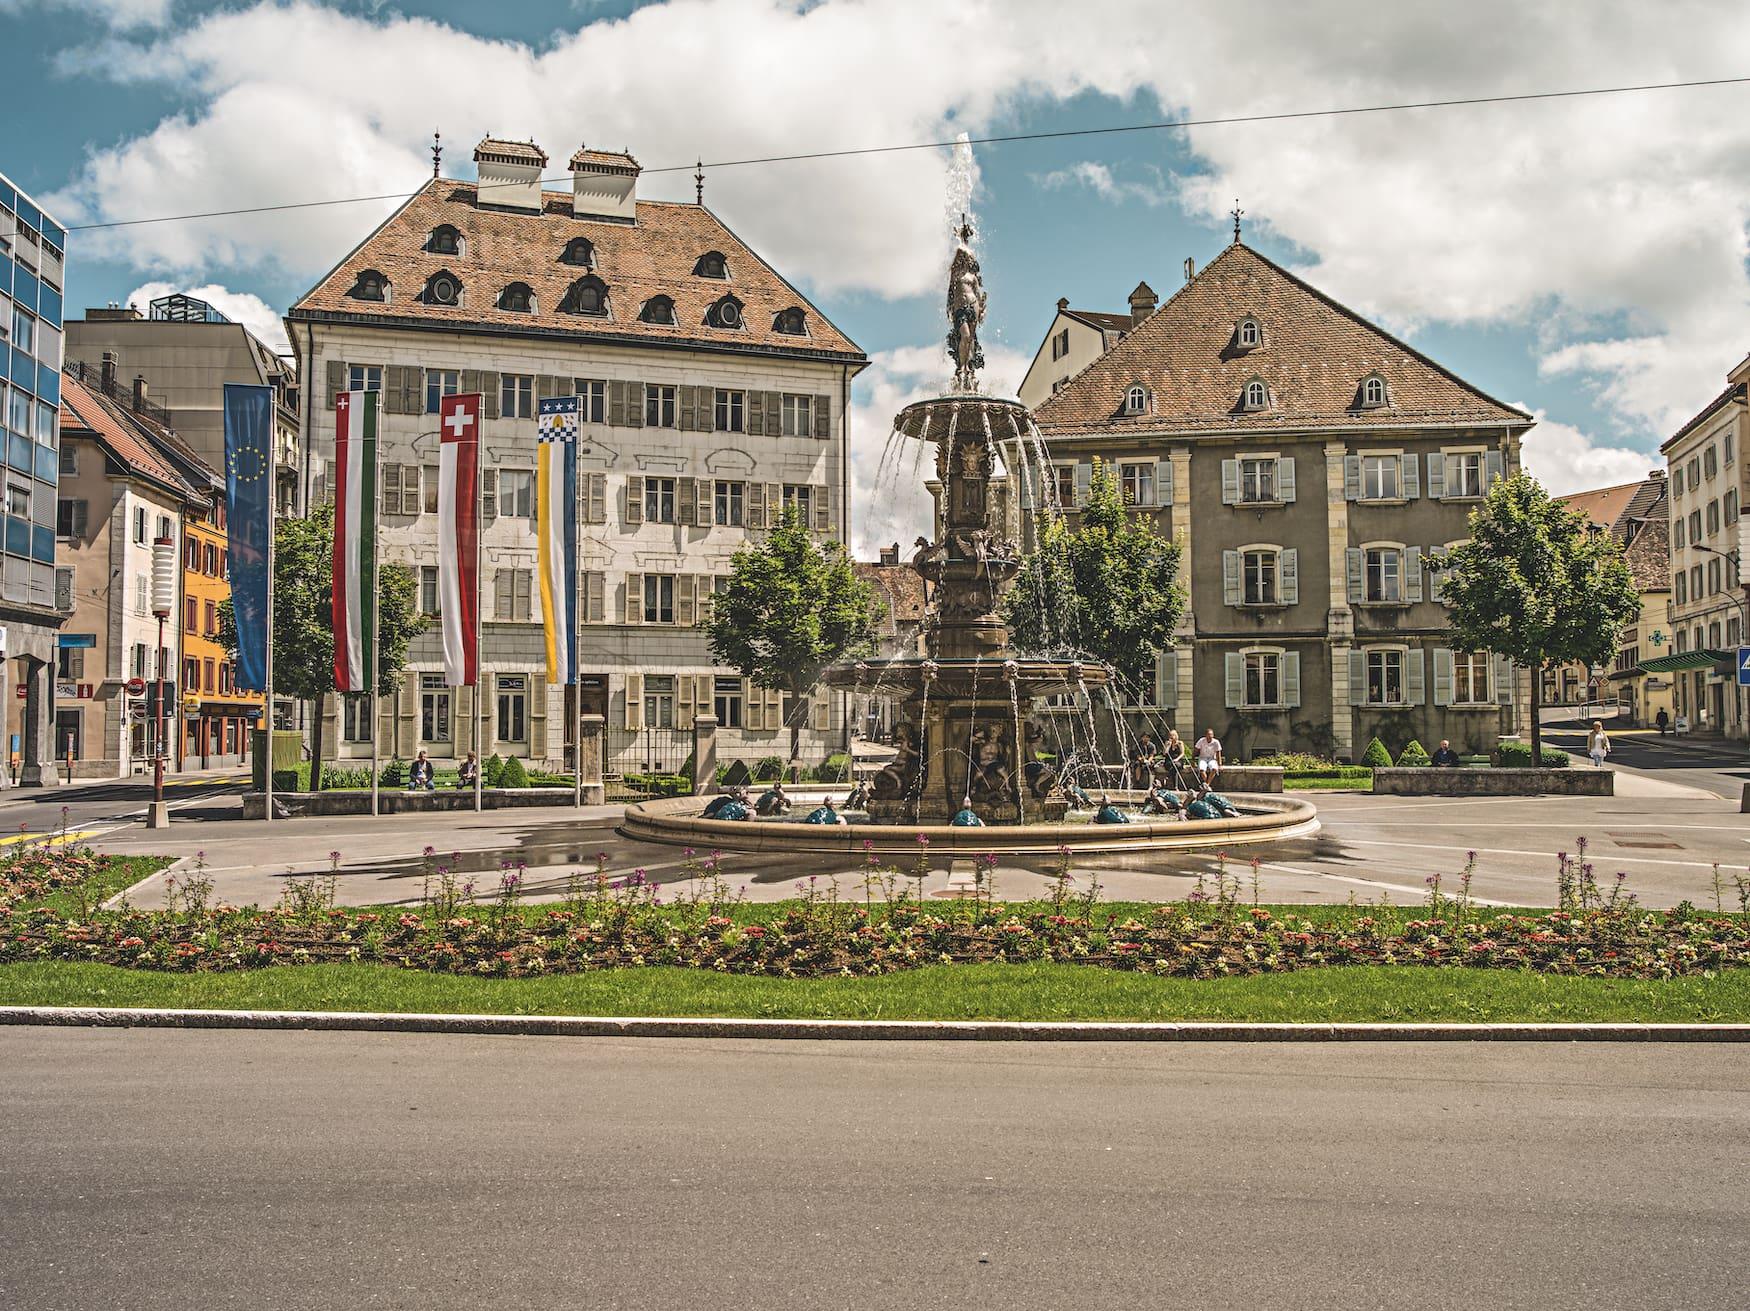 Der 1888 erbaute Brunnen war das erste dekorative Denkmal in La Chaux-de-Fonds, das an die Versorgung der Stadt mit fliessendem Wasser erinnert.